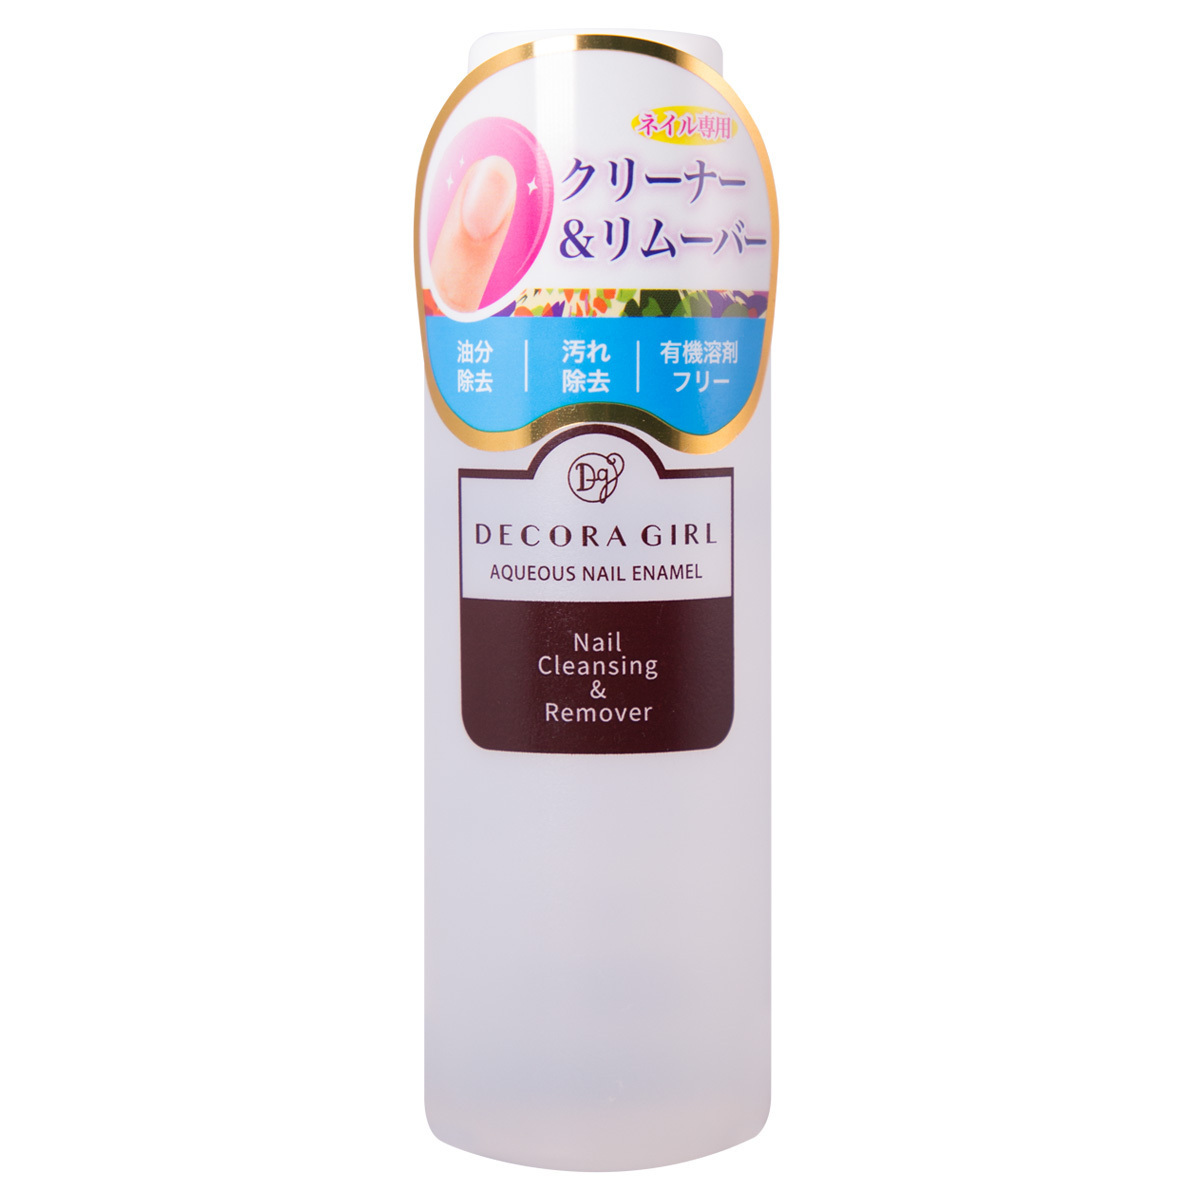 水性ネイル用クレンジング&リムーバー / 本体 / 106.4g